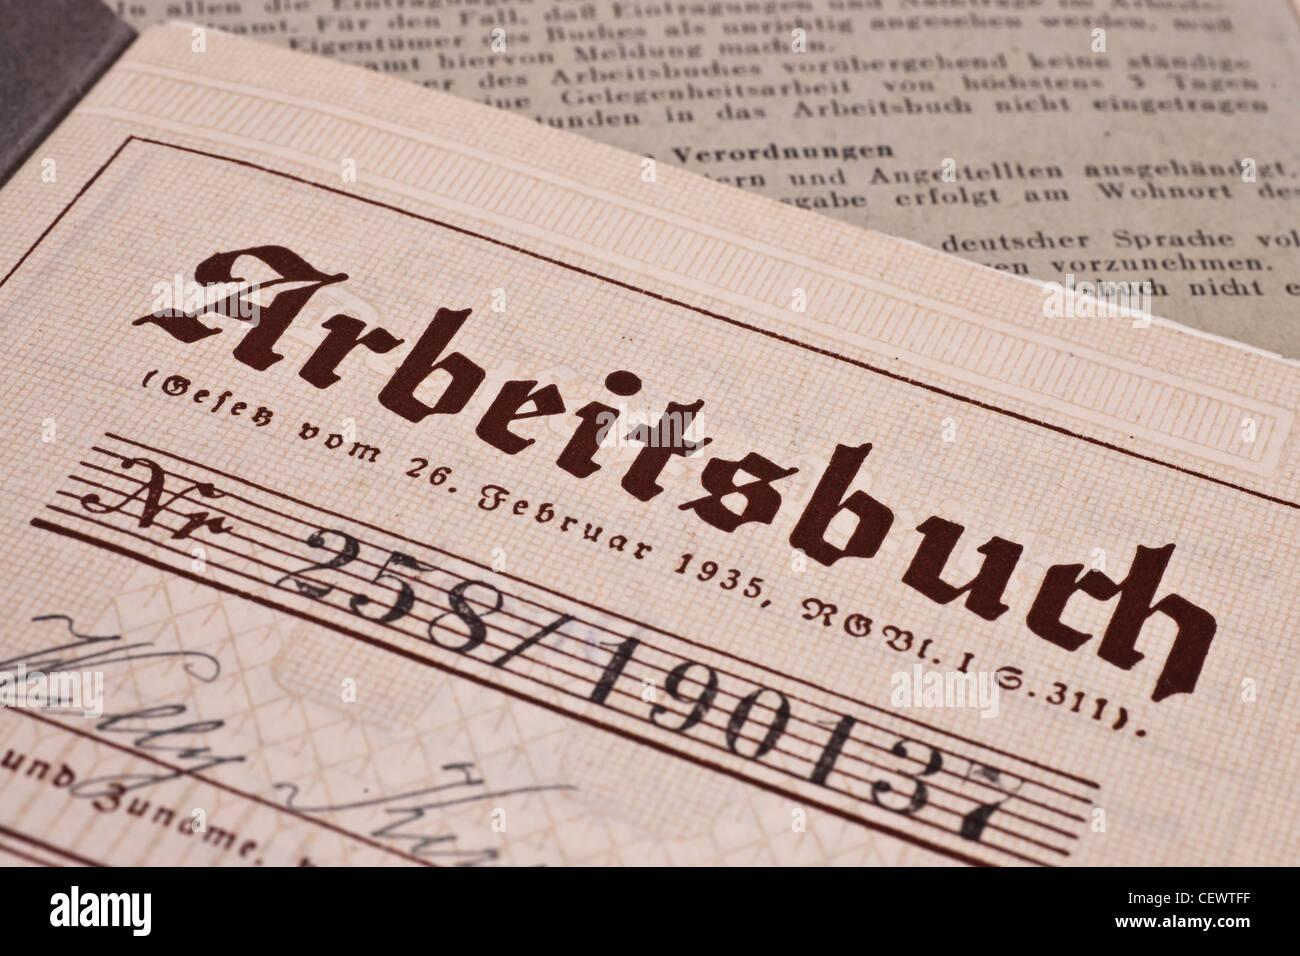 Arbeitsbuch des Deutschen Reiches aus dem Jahre 1935/1936 | Exercise Book of the German Reich from 1935/1936 - Stock Image